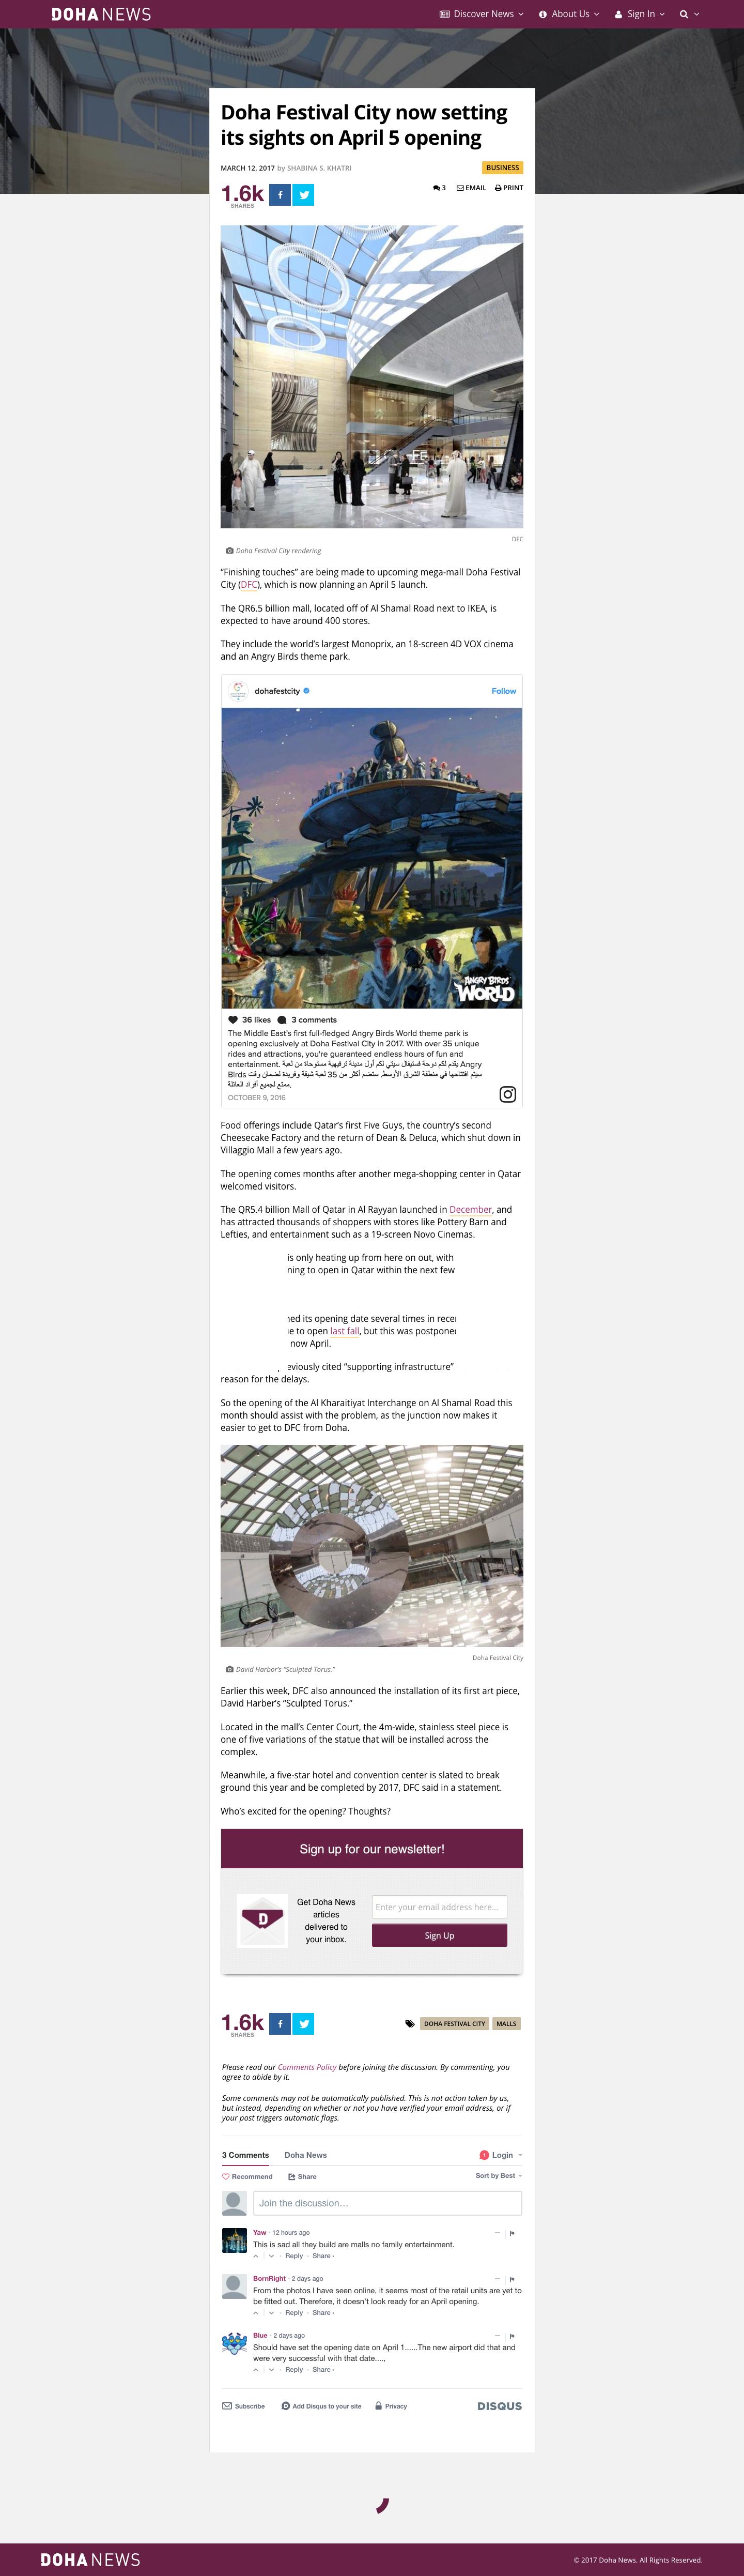 Doha News - News Article